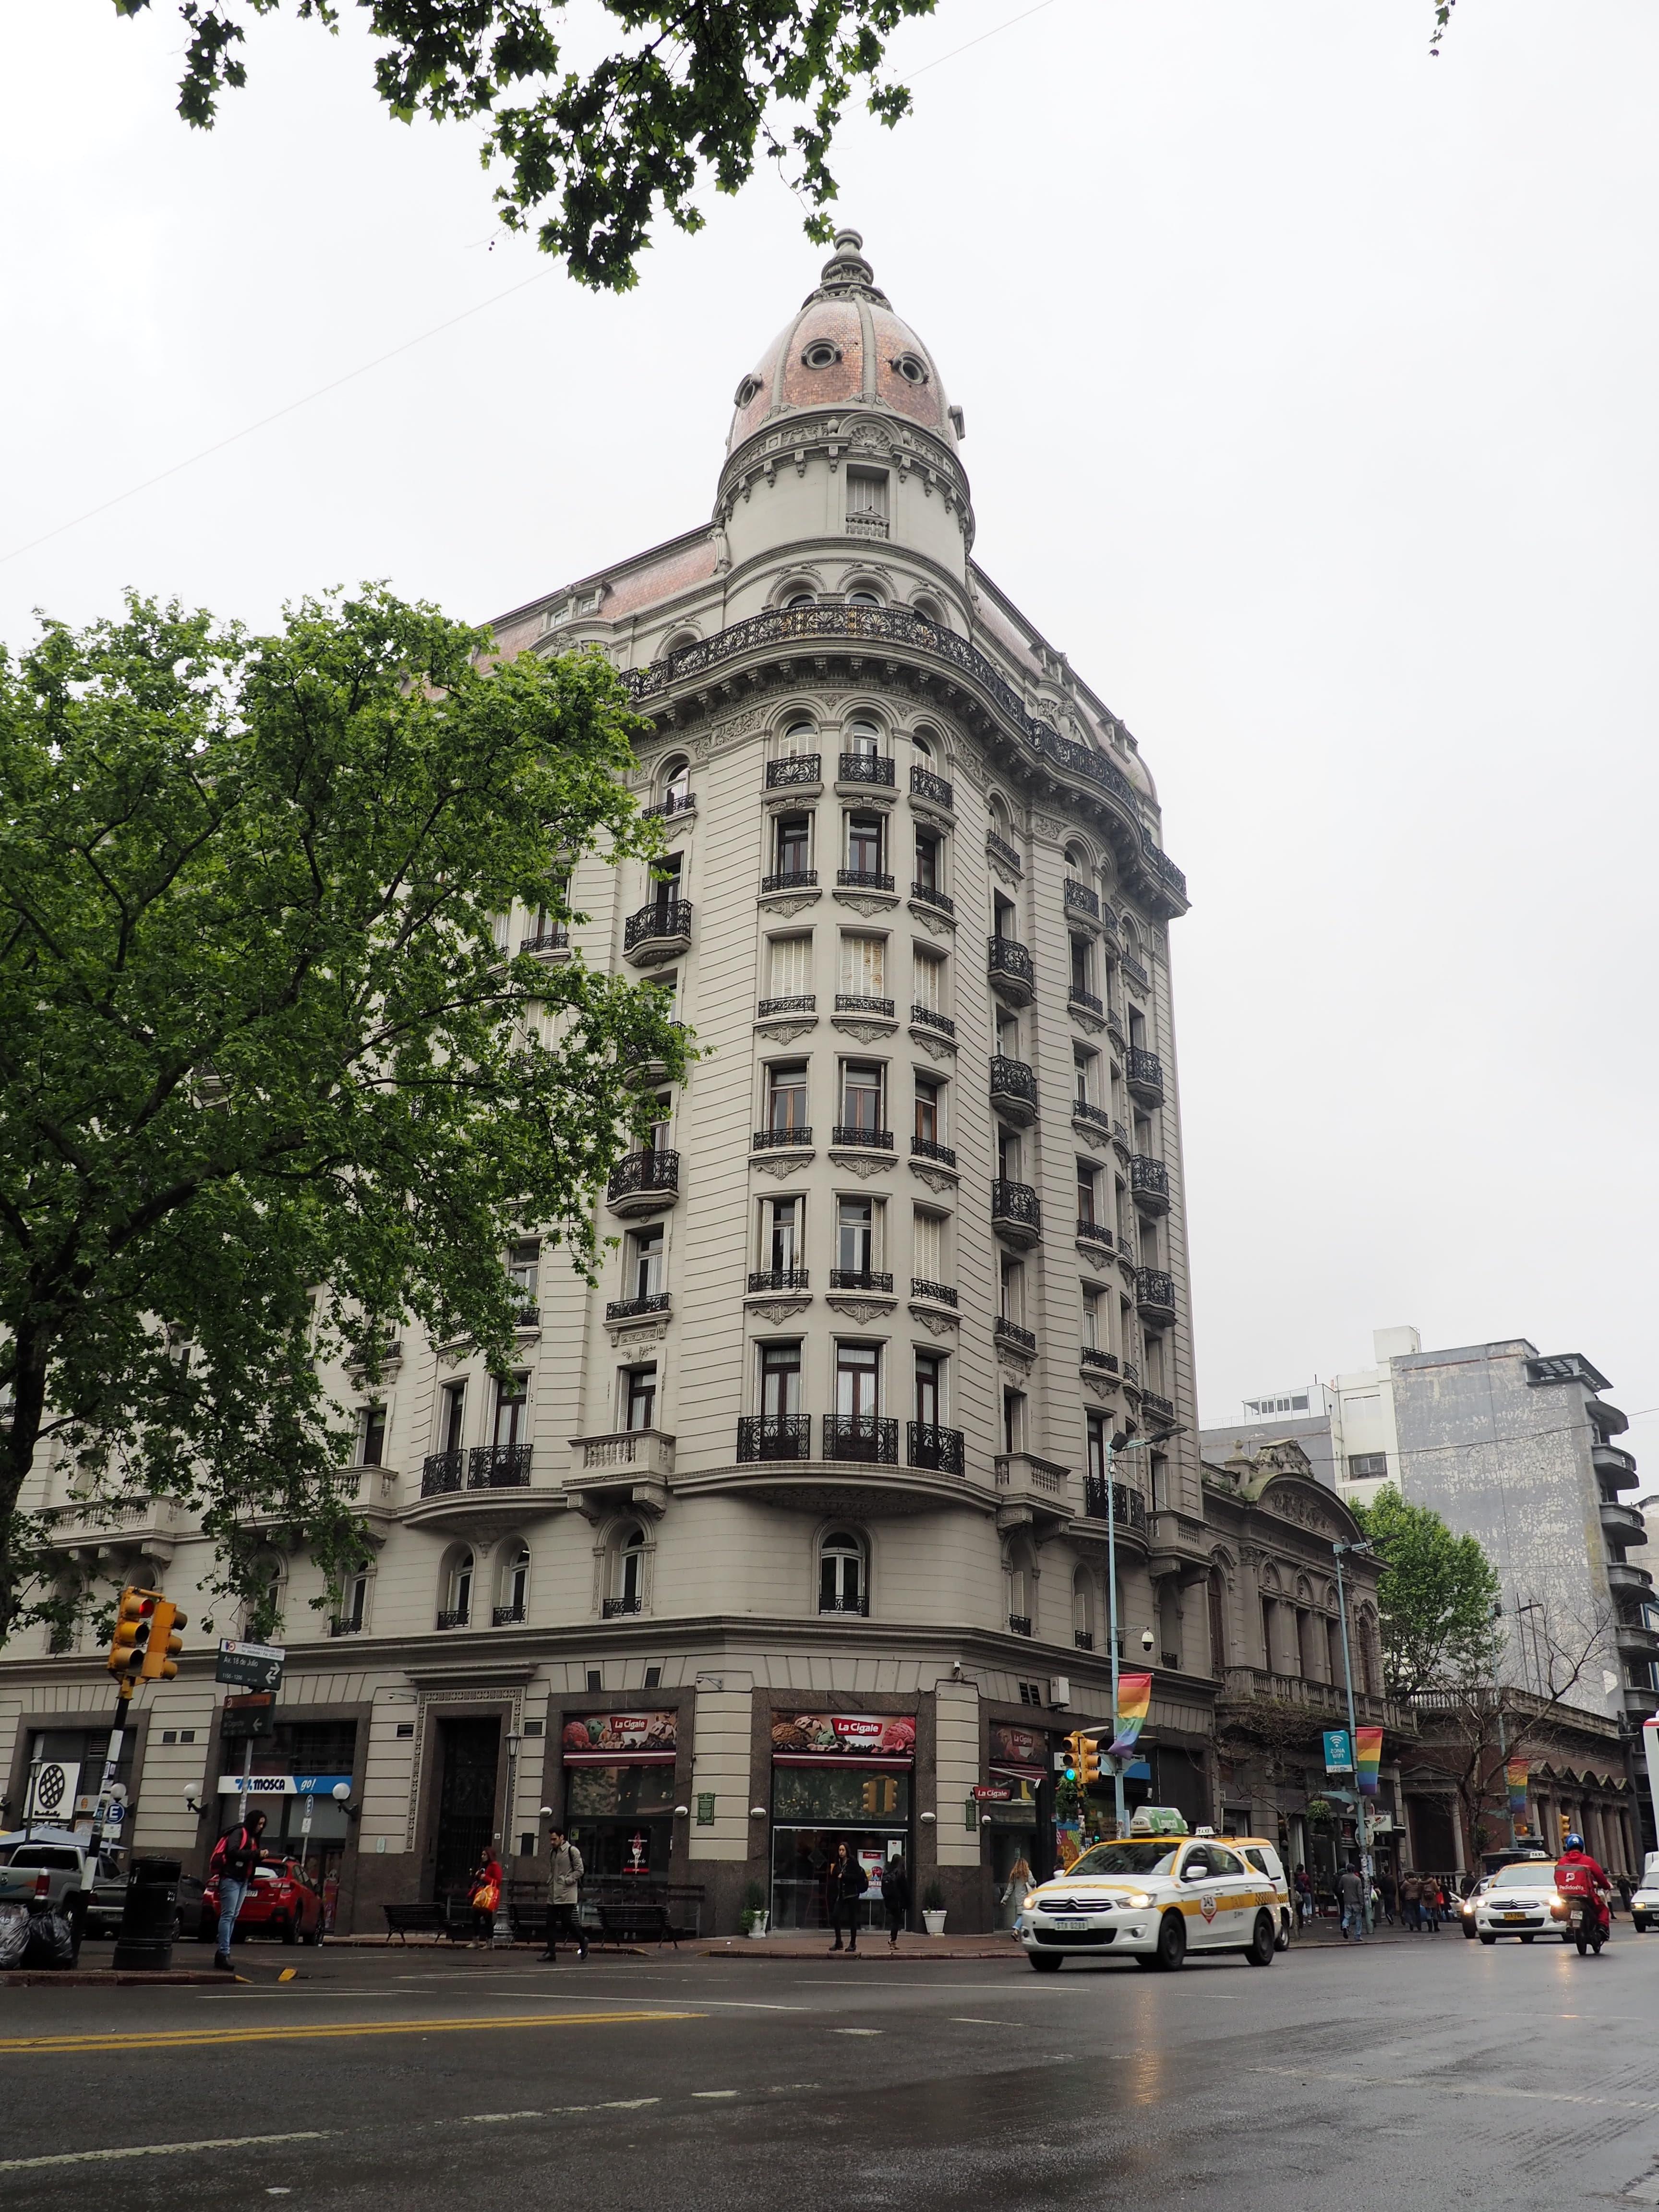 Avenida 18 de julio, la Gran Vía de Montevideo